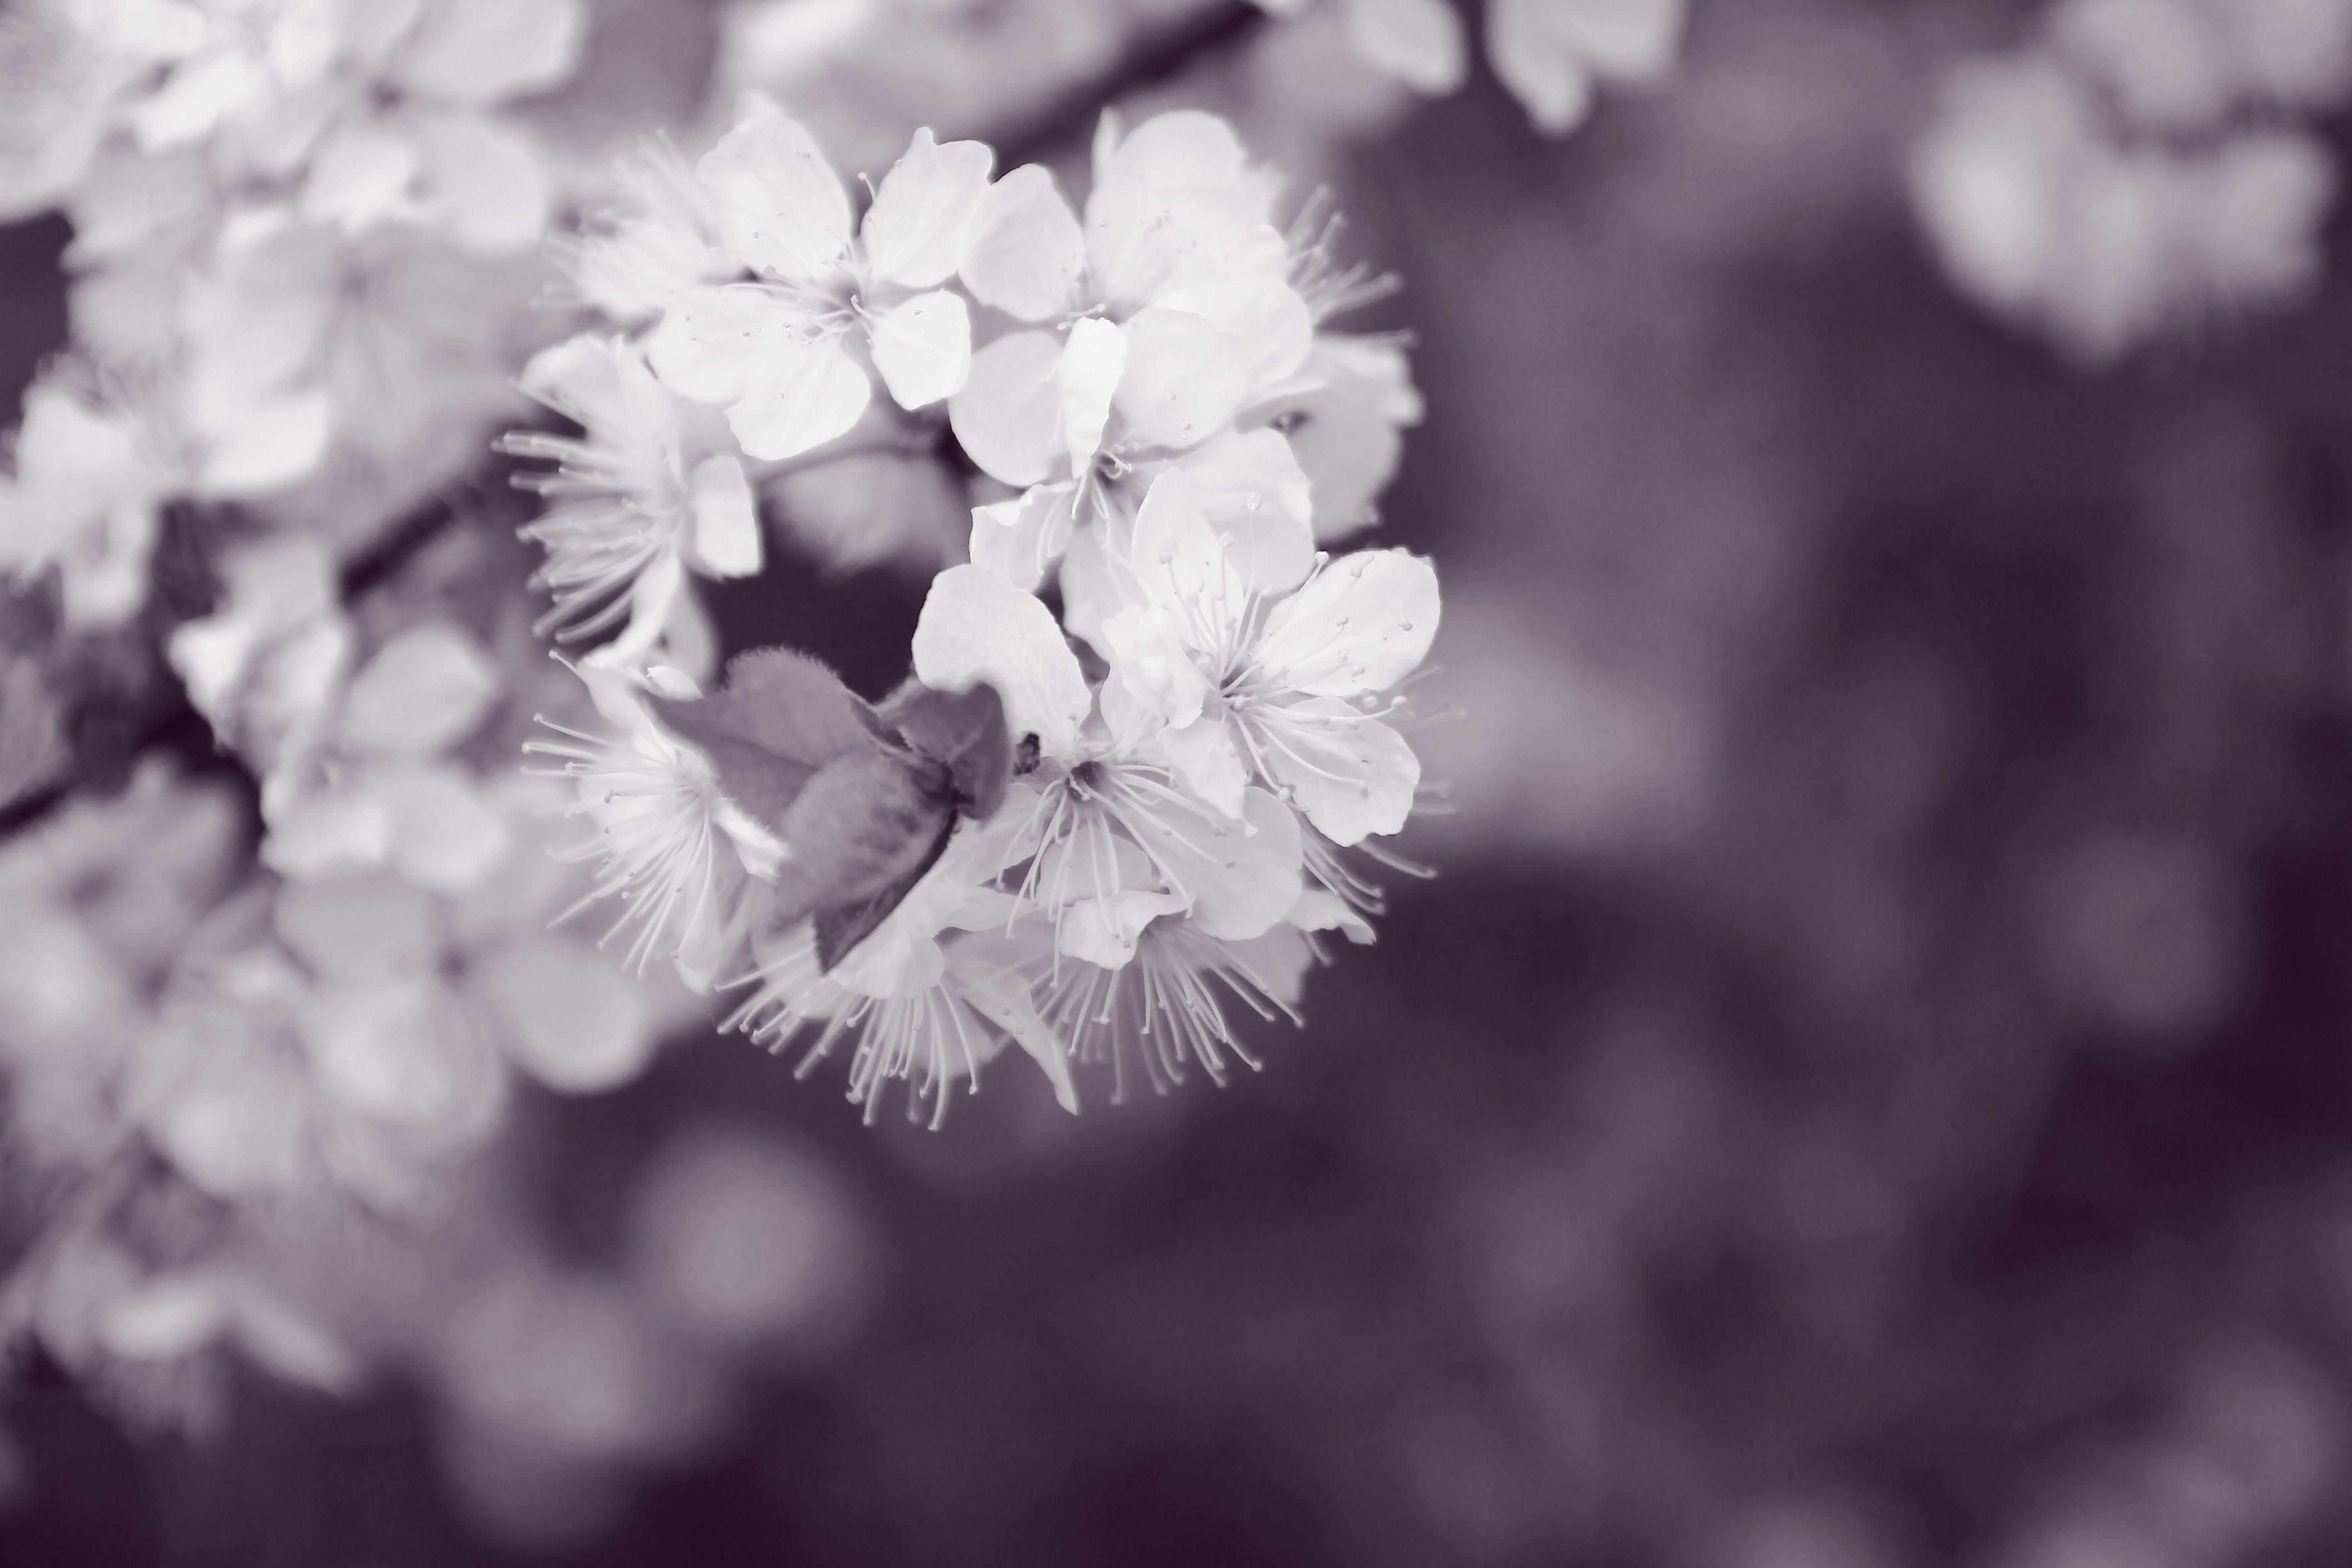 Δωρεάν στοκ φωτογραφιών με winnipeg, άνθος, άνθος κερασιάς, ενδέχεται